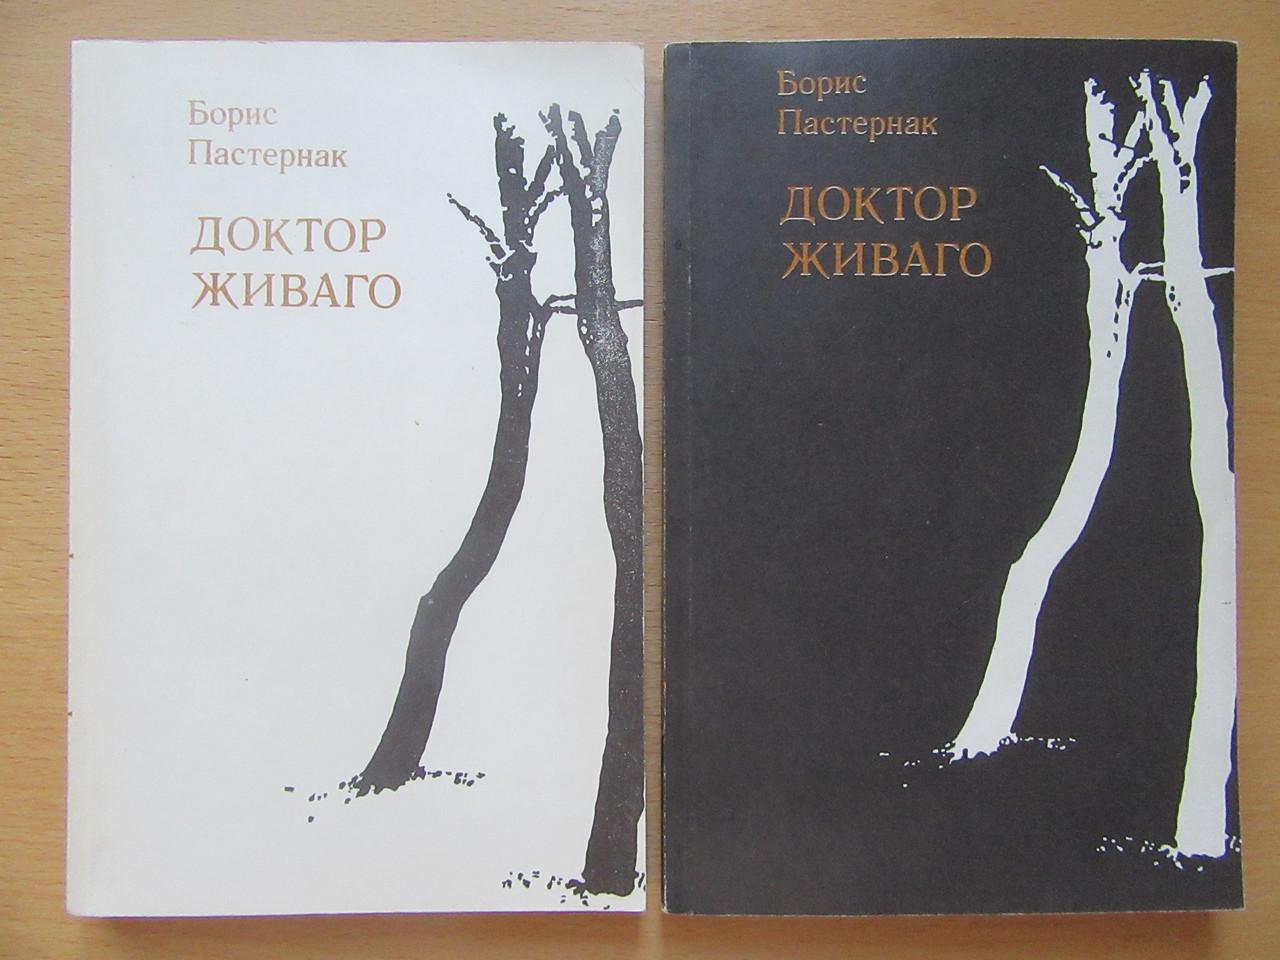 Борис Пастернак. Доктор Живаго (в двух книгах)